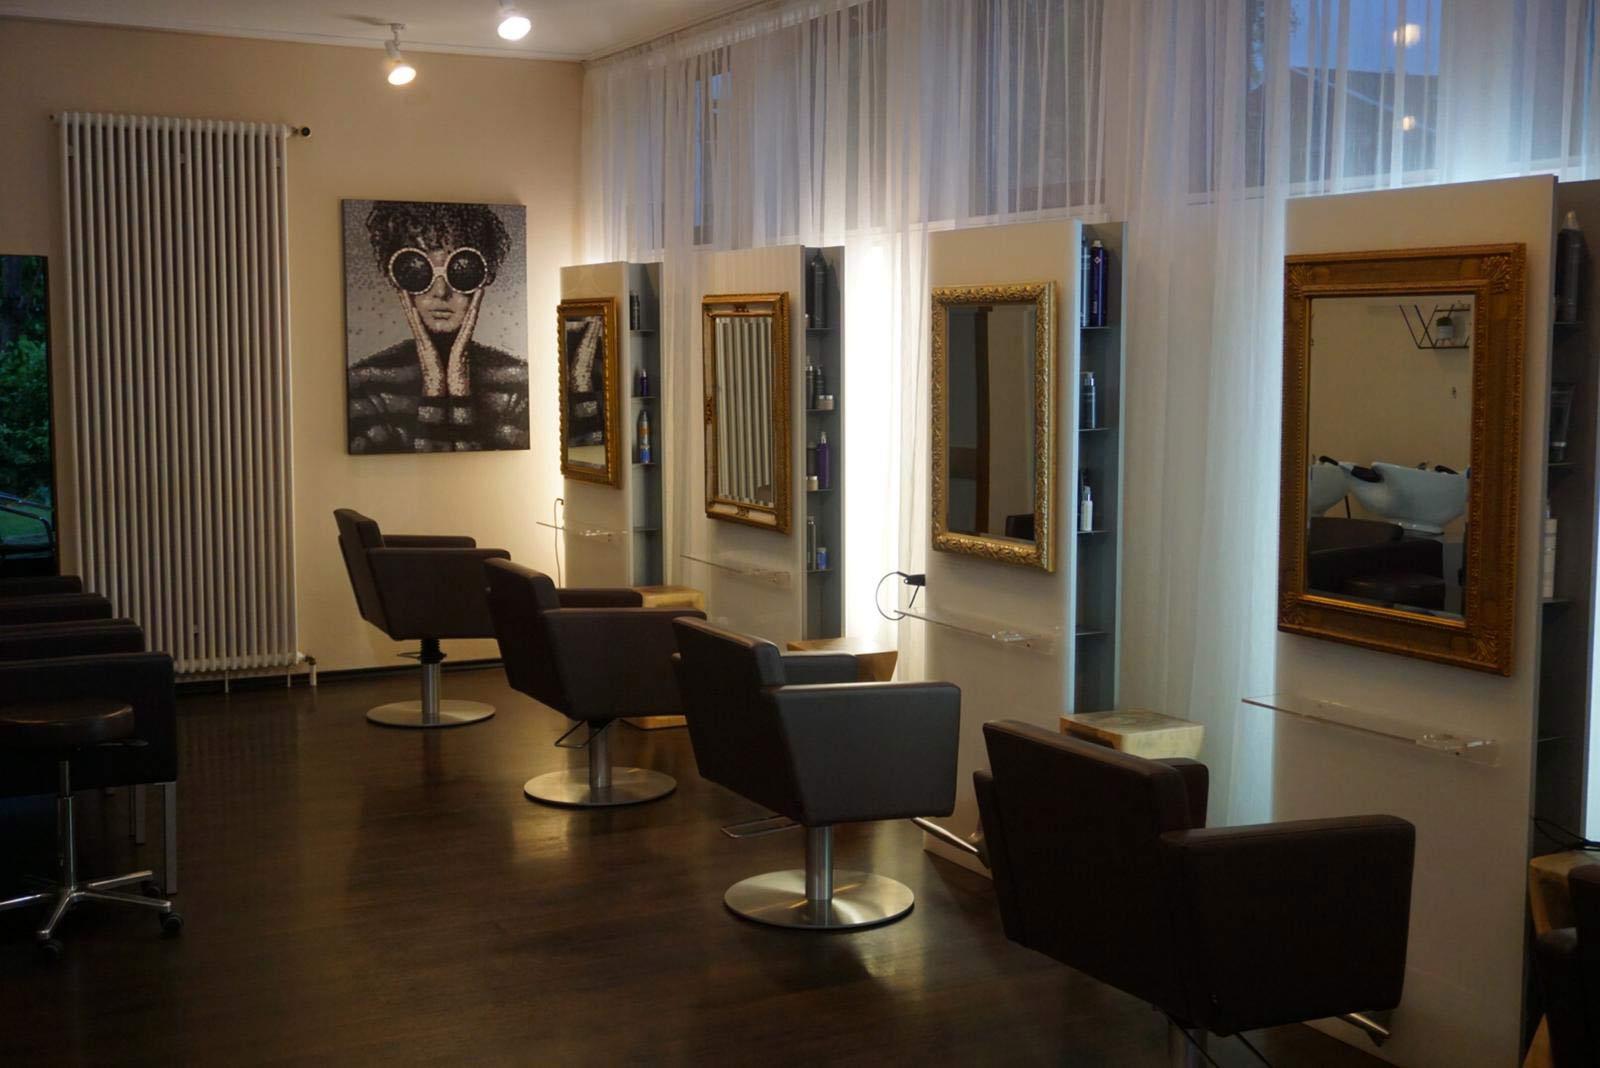 Salon Simon - Der Friseur für Trends im Chiemgau